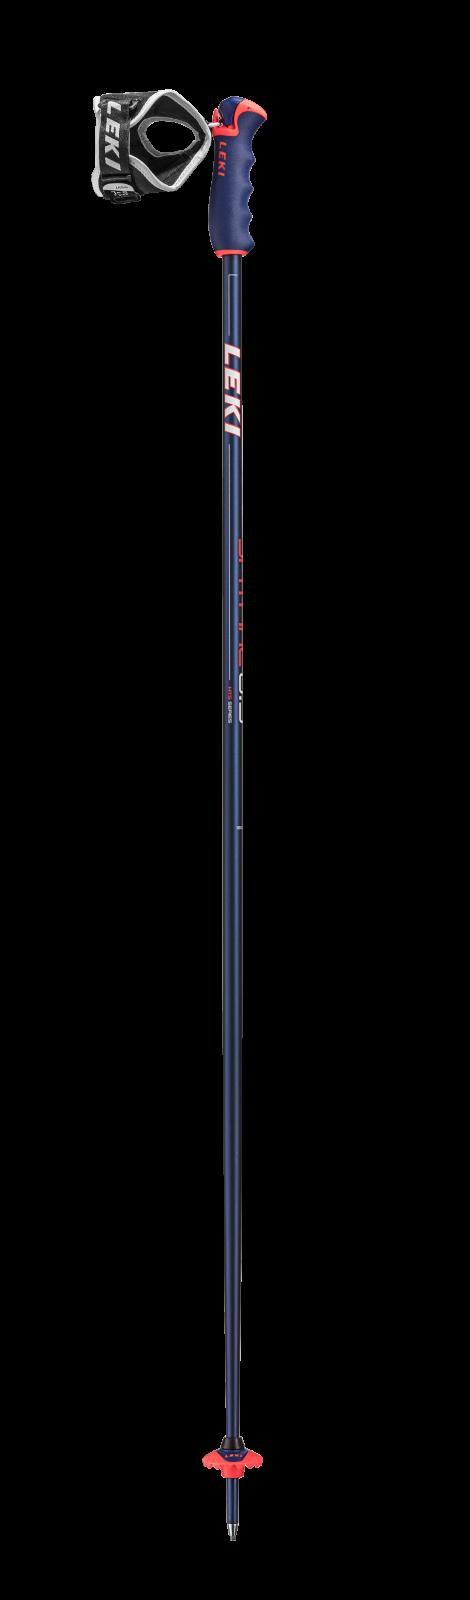 Leki Spitfire S Ski Pole